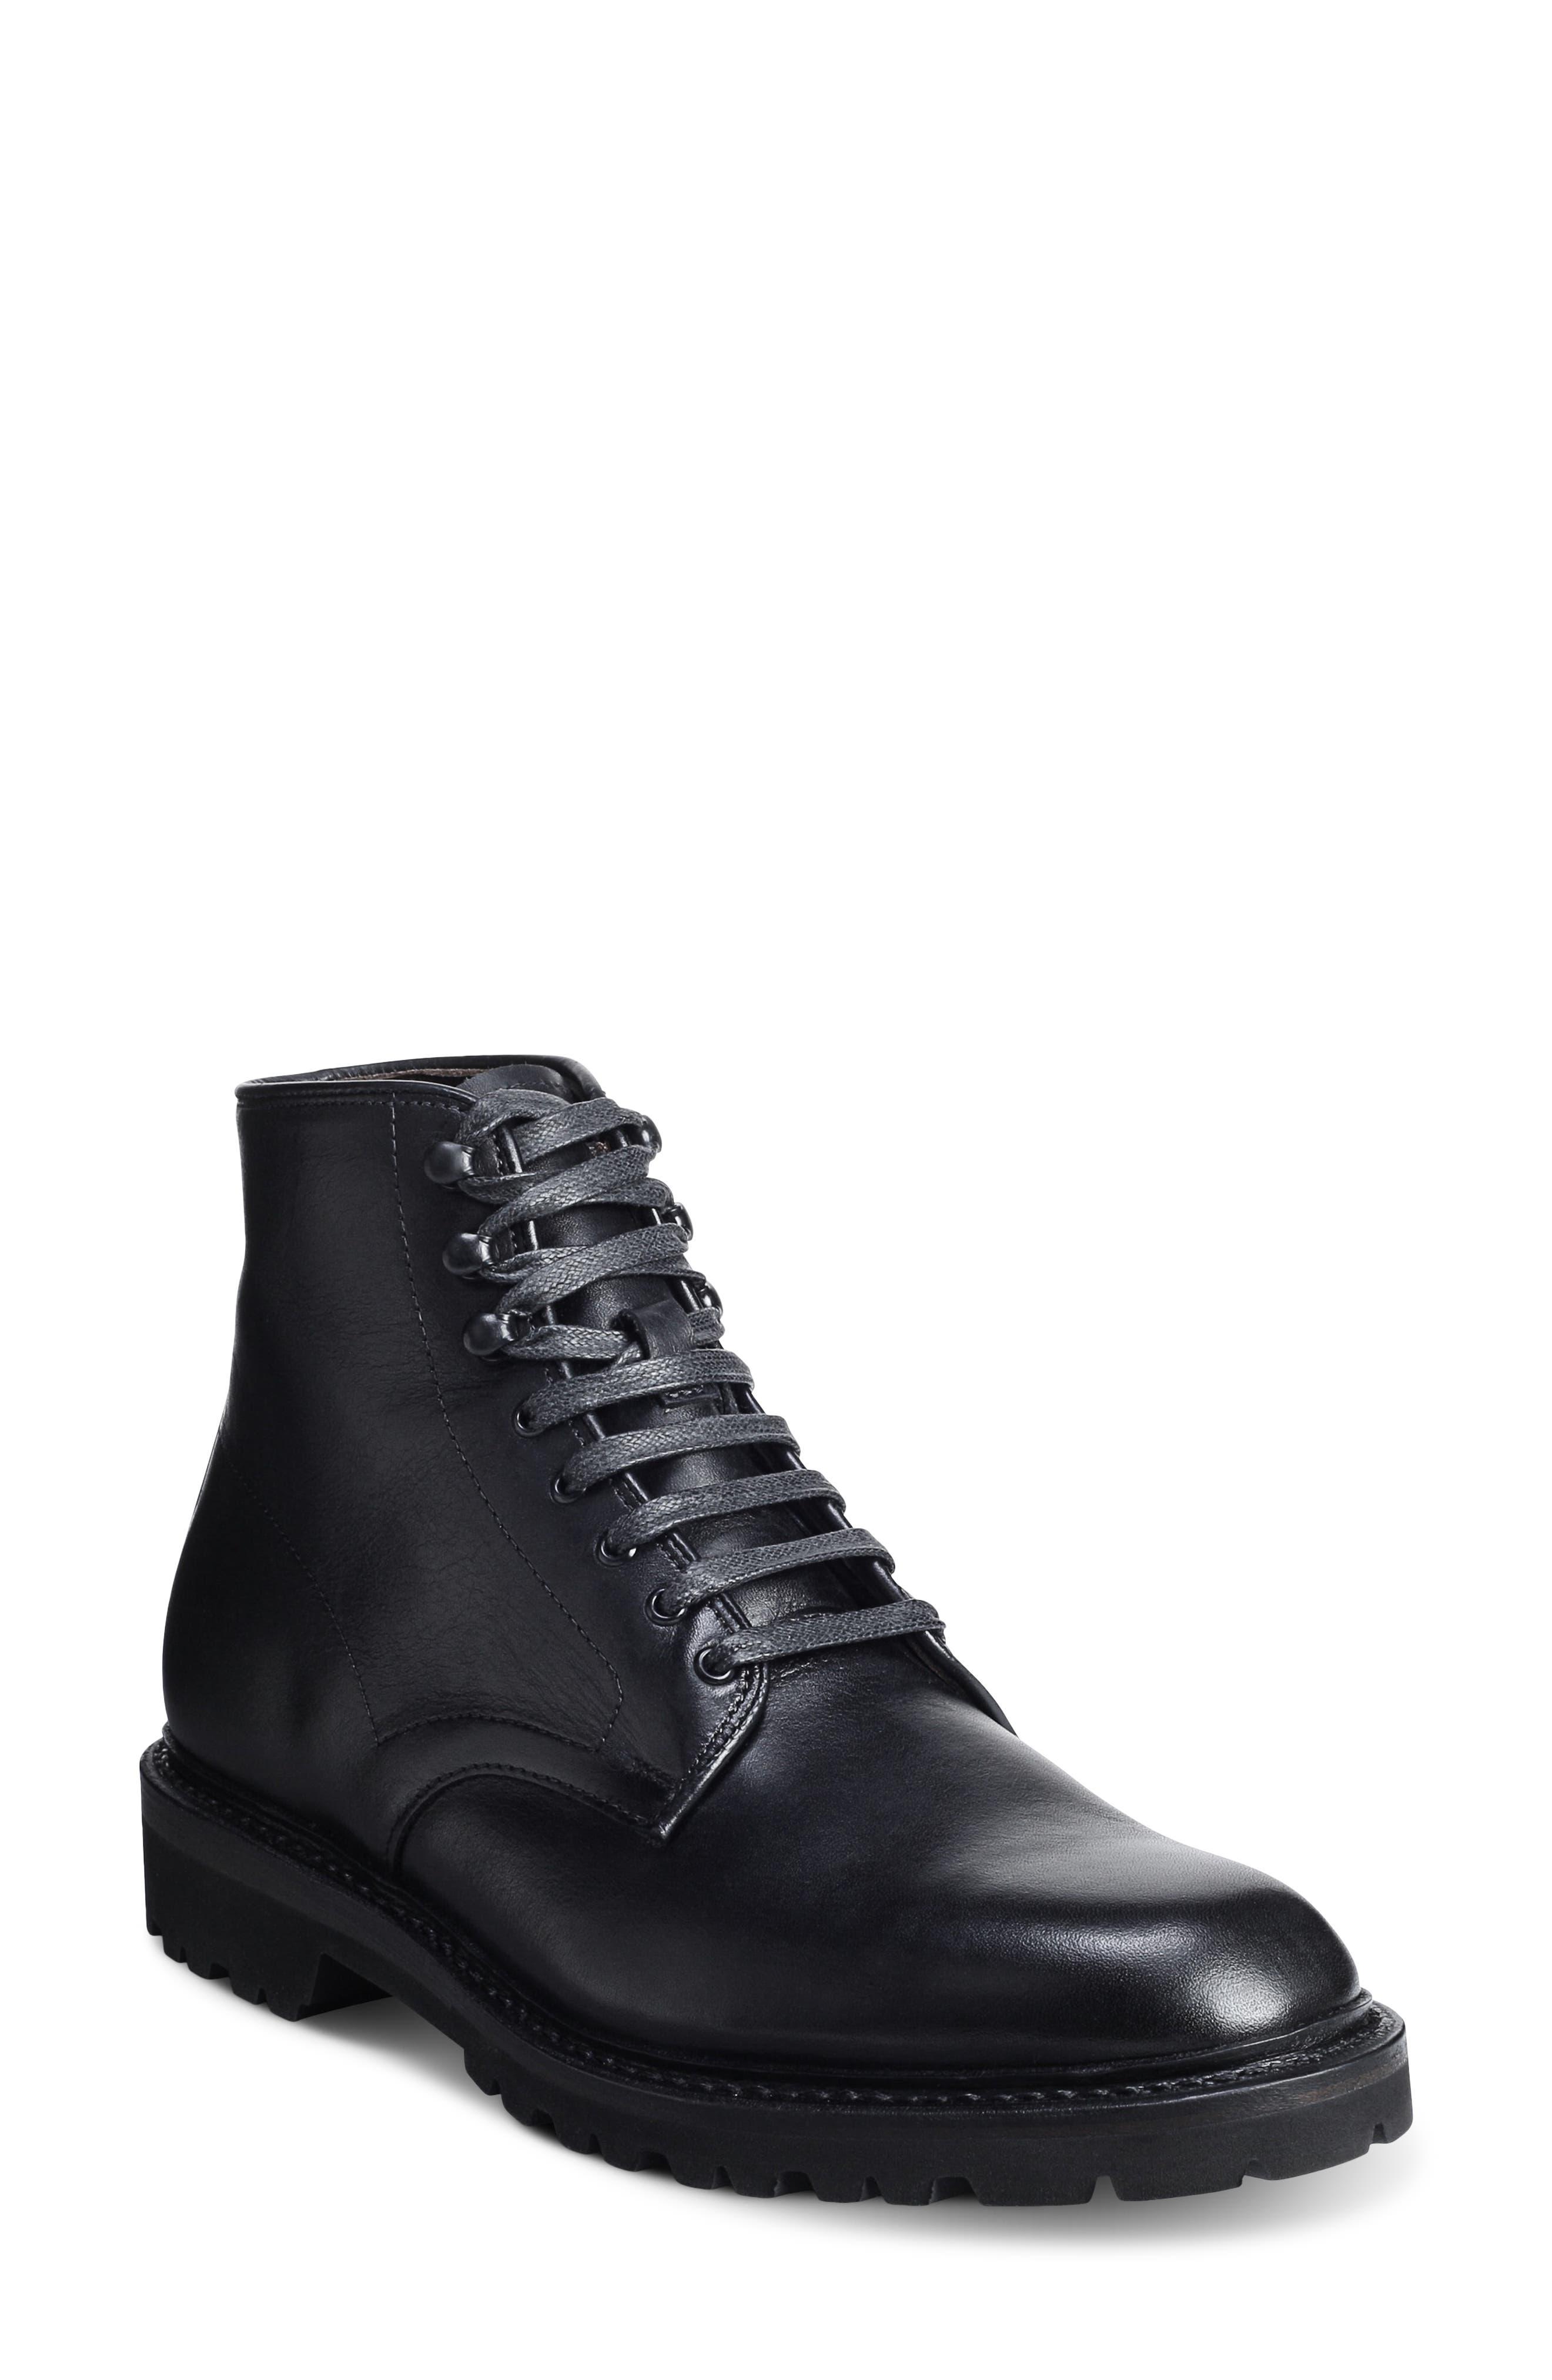 Higgins Waterproof Lug Sole Boot